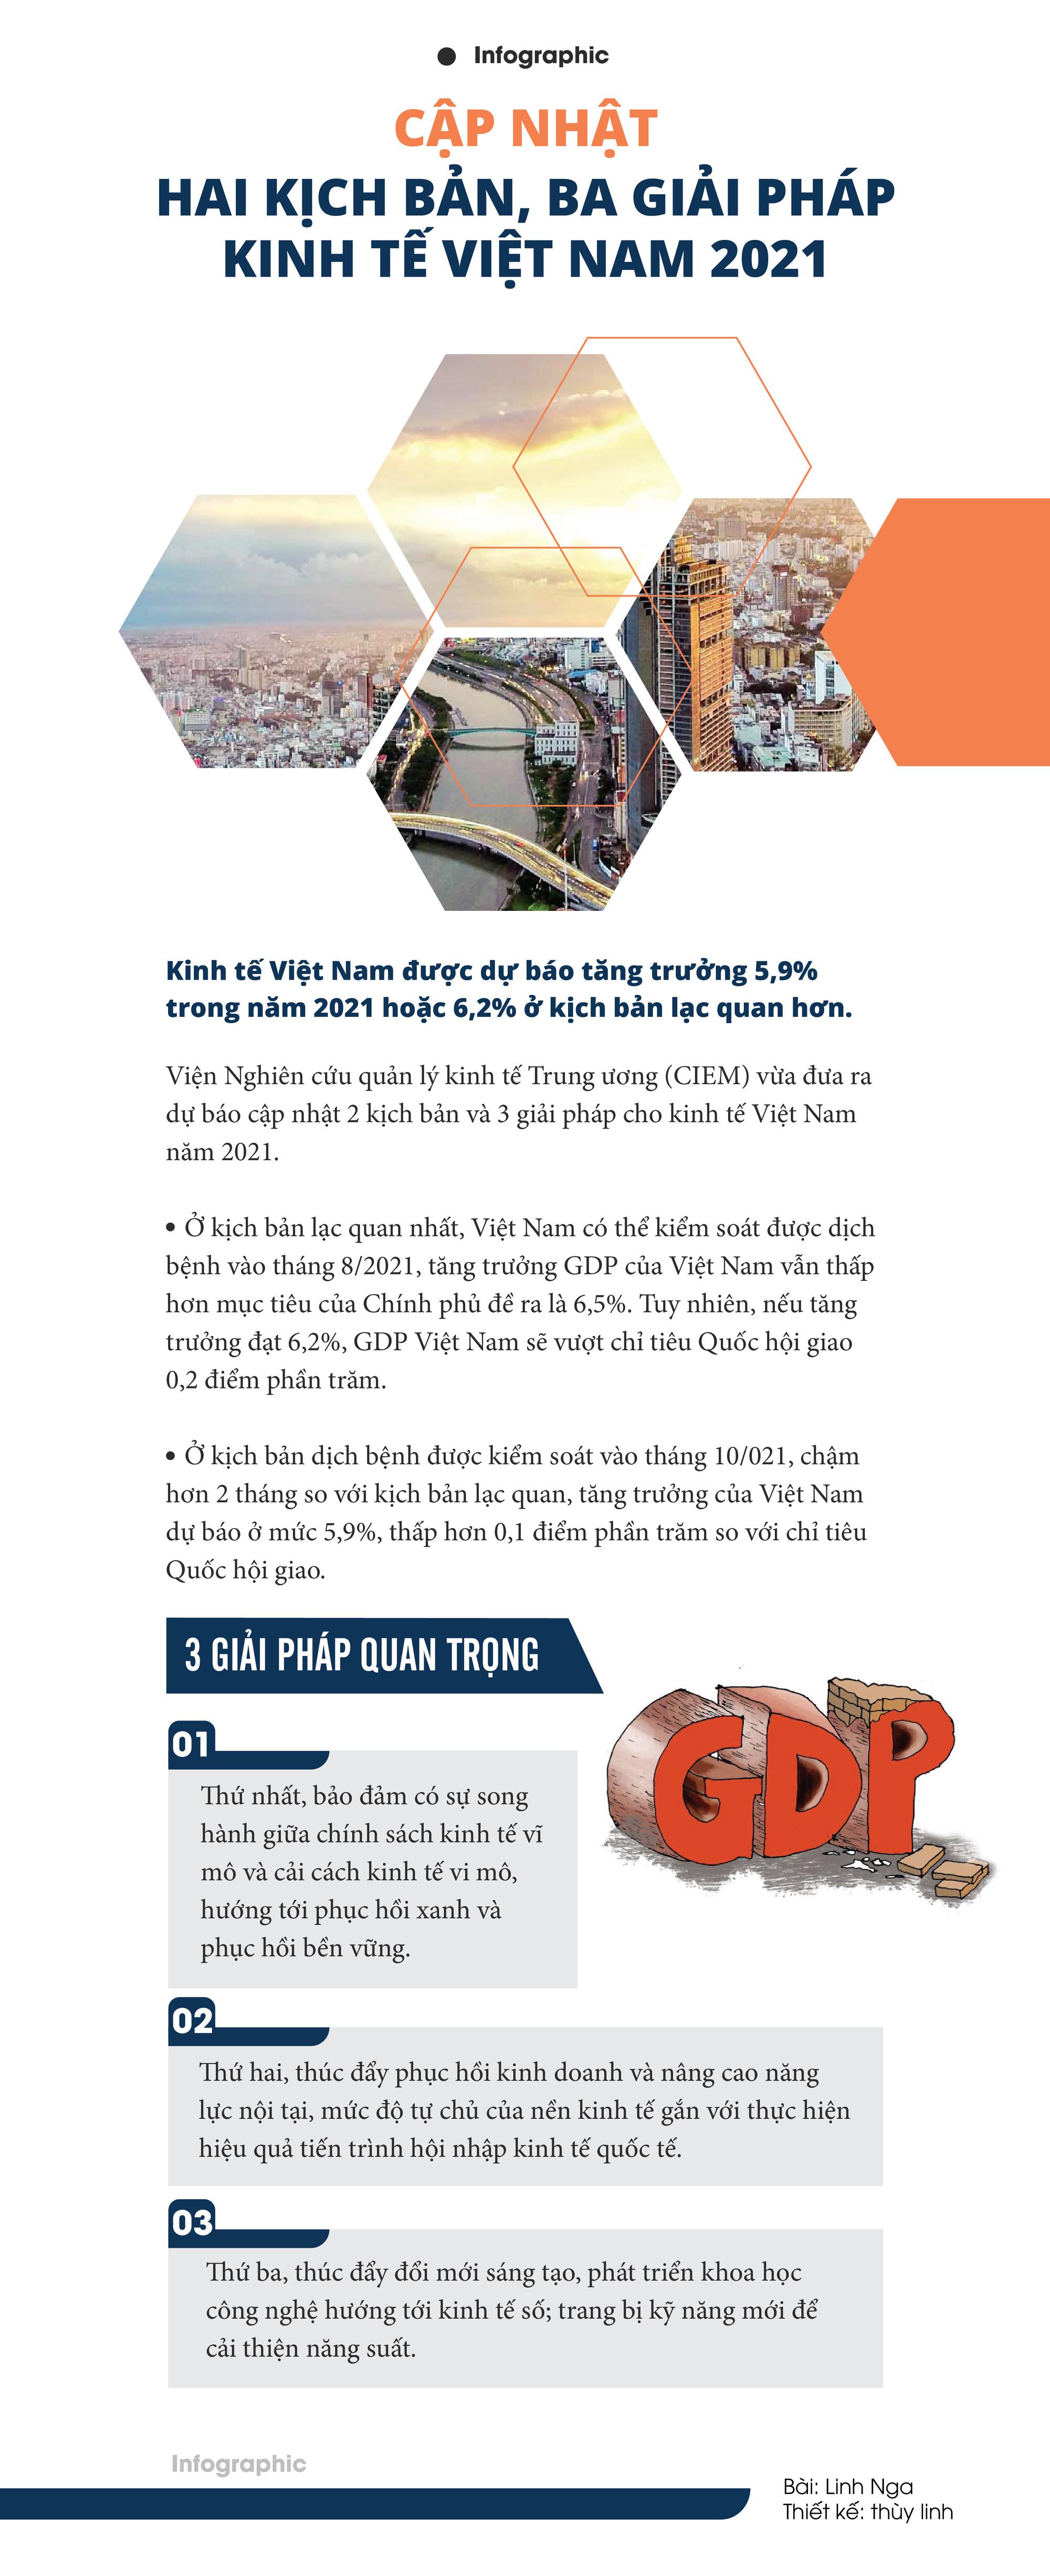 [Infographic] Cập nhật hai kịch bản, ba giải pháp kinh tế Việt Nam 2021 - Ảnh 1.